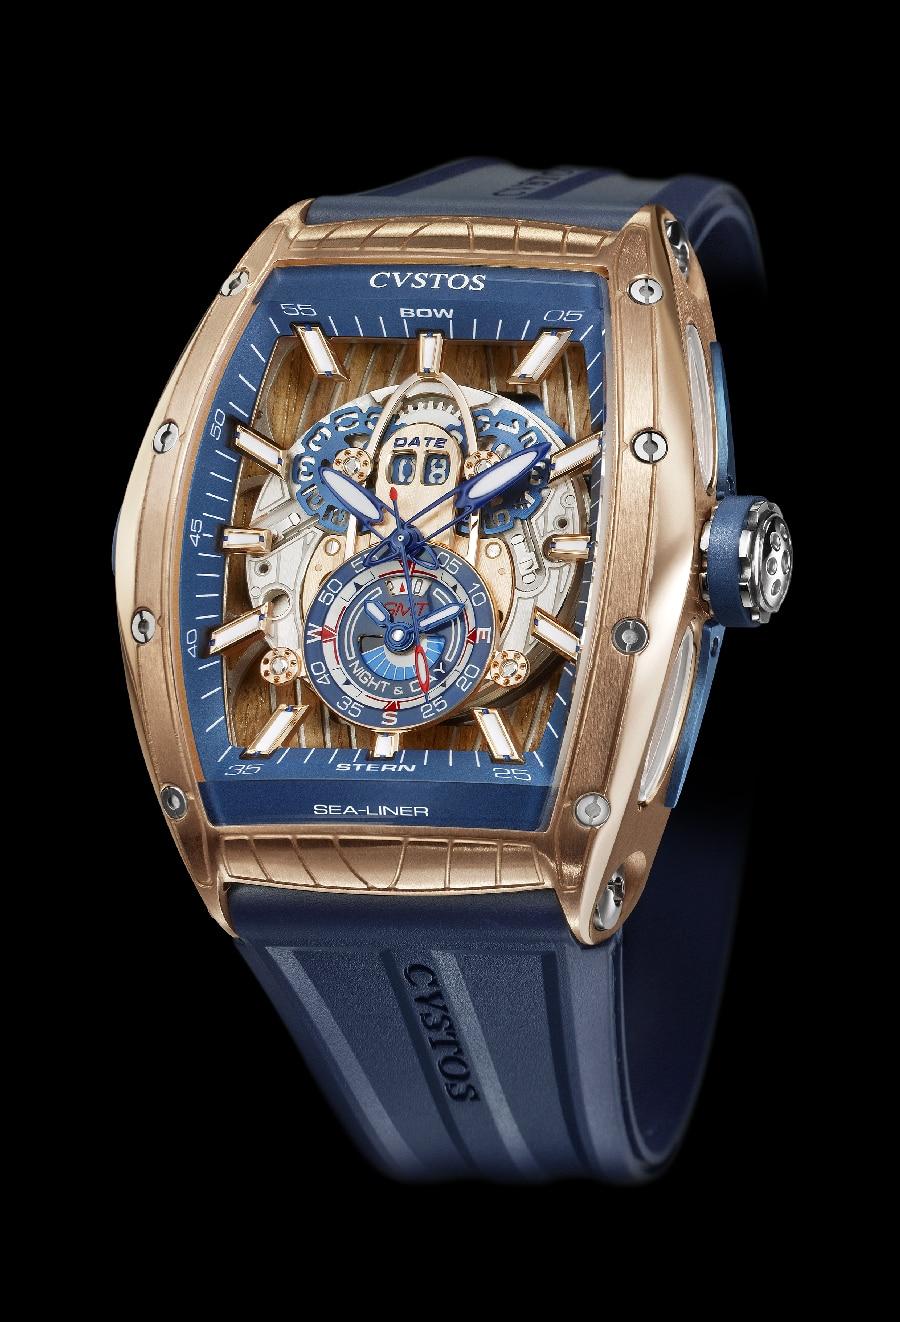 Das springende Großdatum der Custos Challenge Sea-Liner GMT bei zwölf Uhr besteht aus zwei PVD-blau-beschichteten Scheiben.